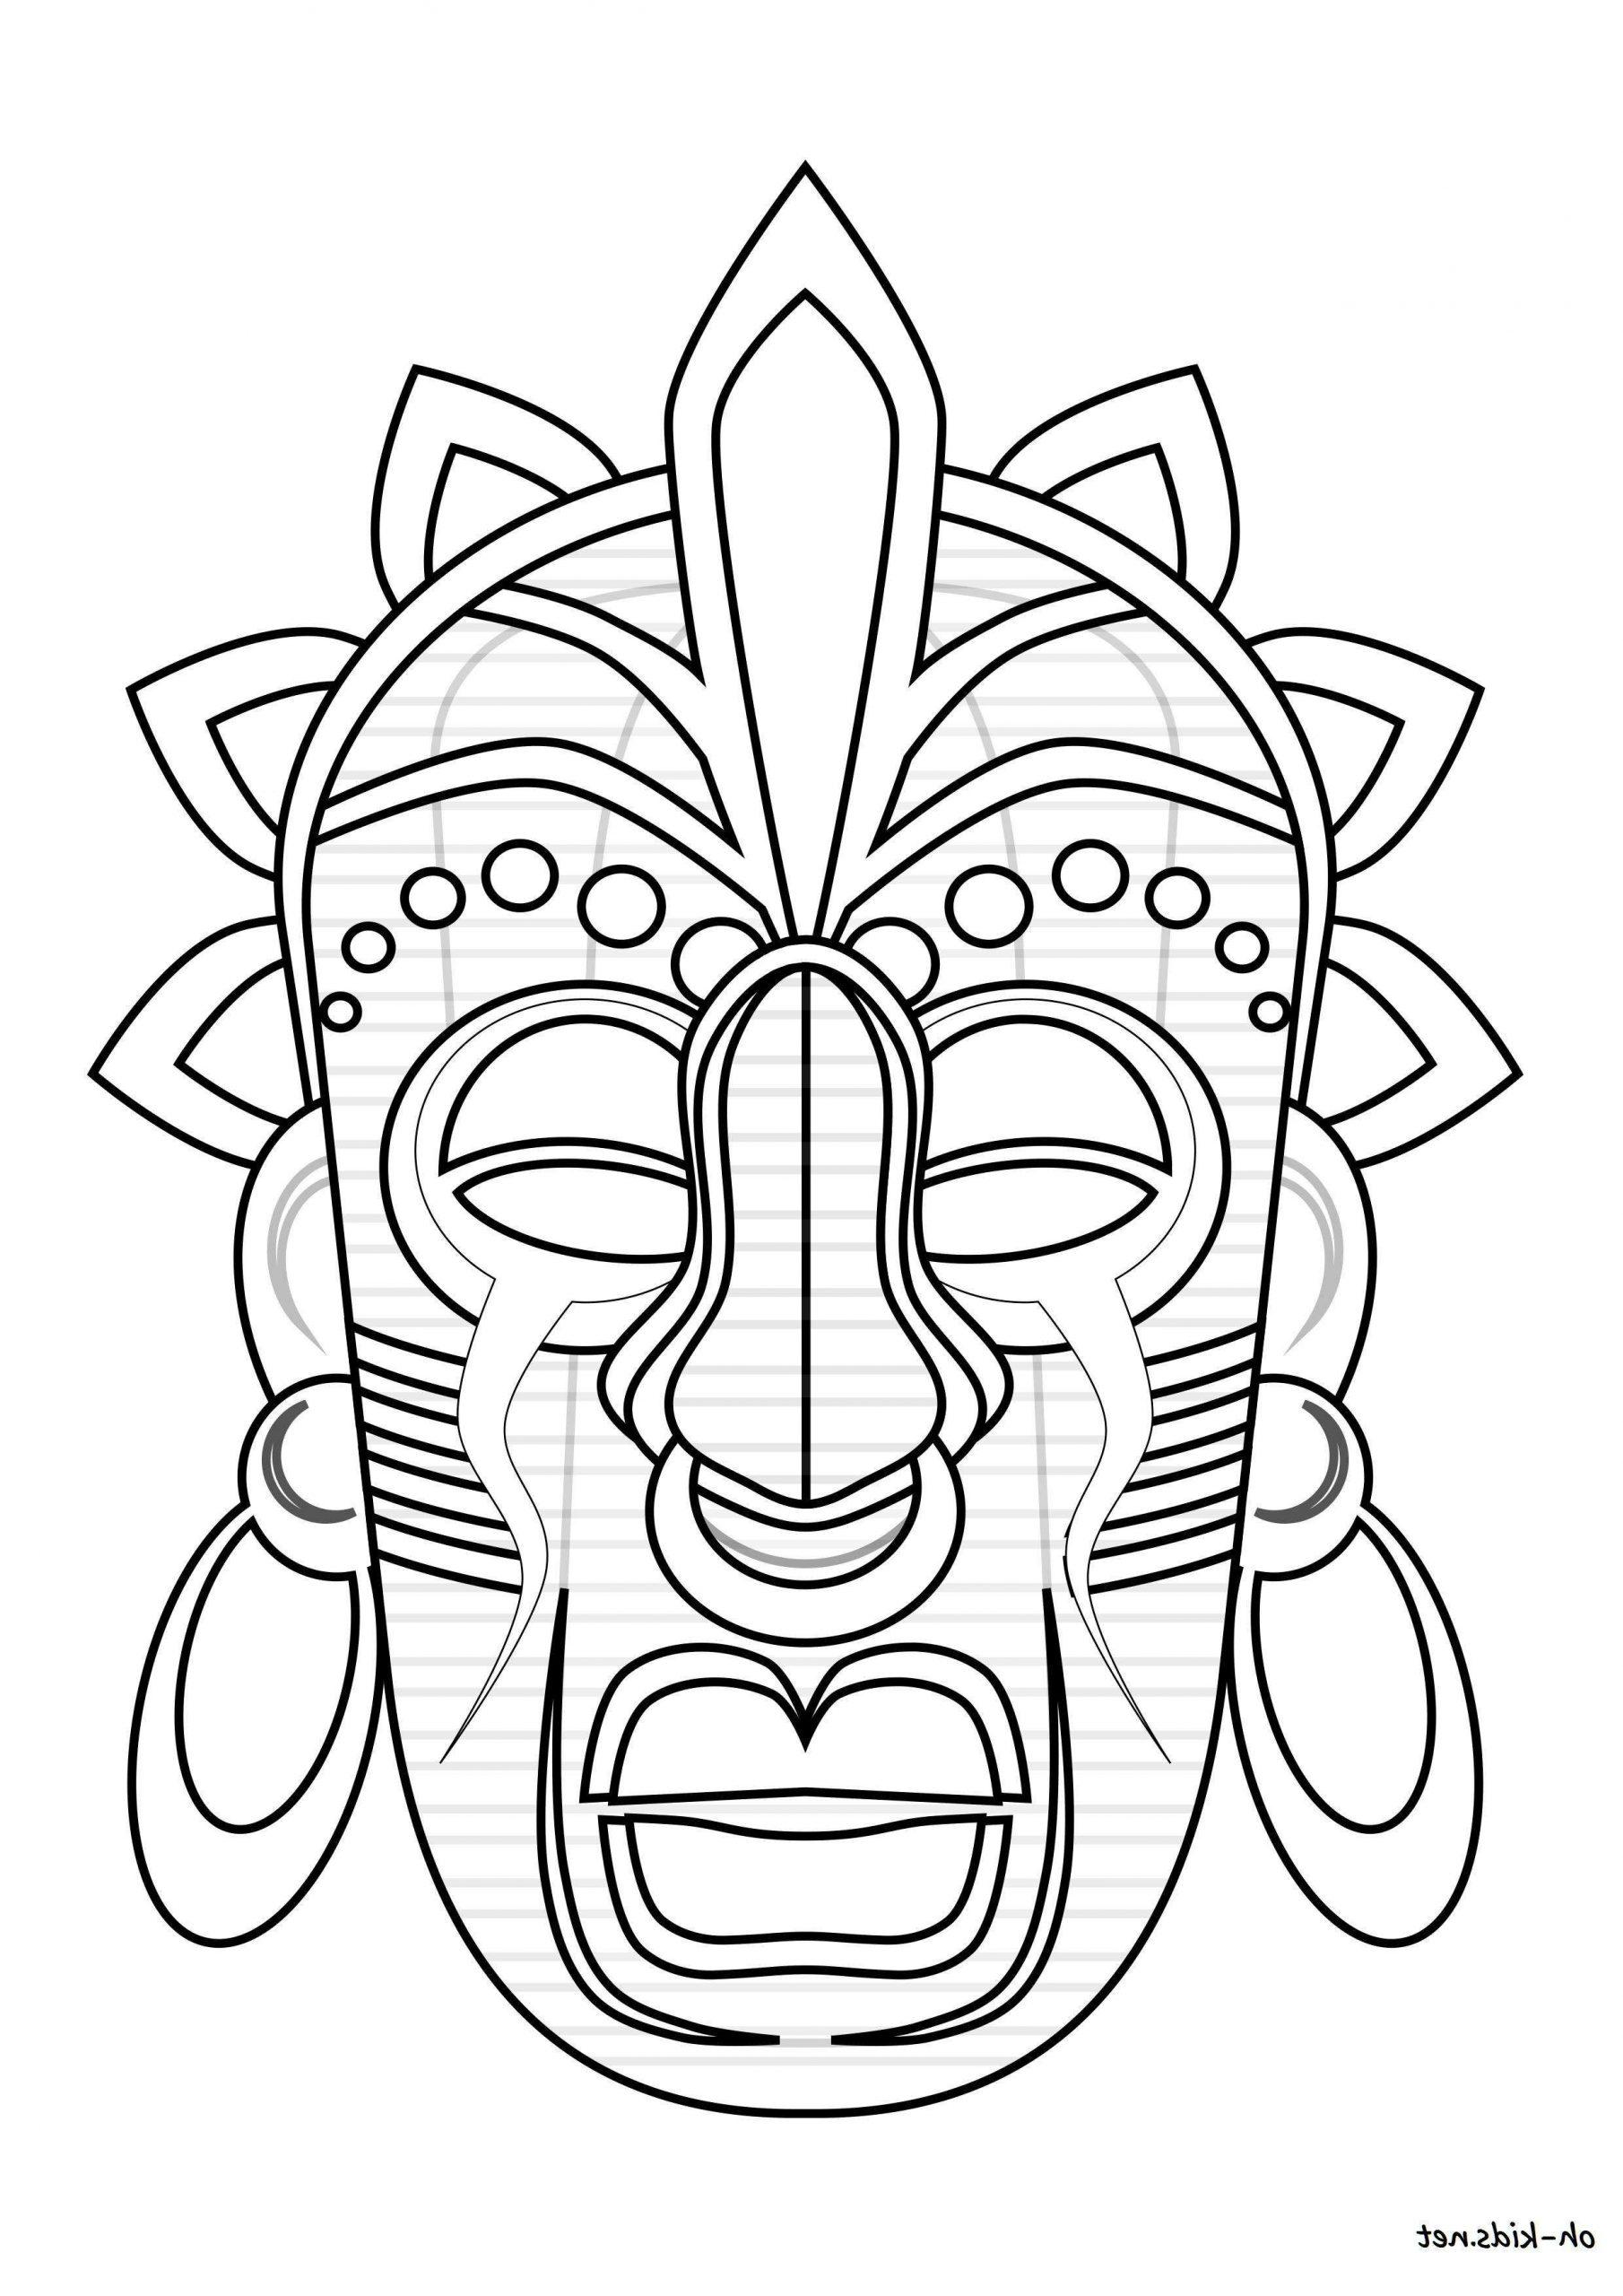 Masque Afrique #coloriageafricain0D En 2020 | Coloriage pour Coloriage Afrique À Imprimer